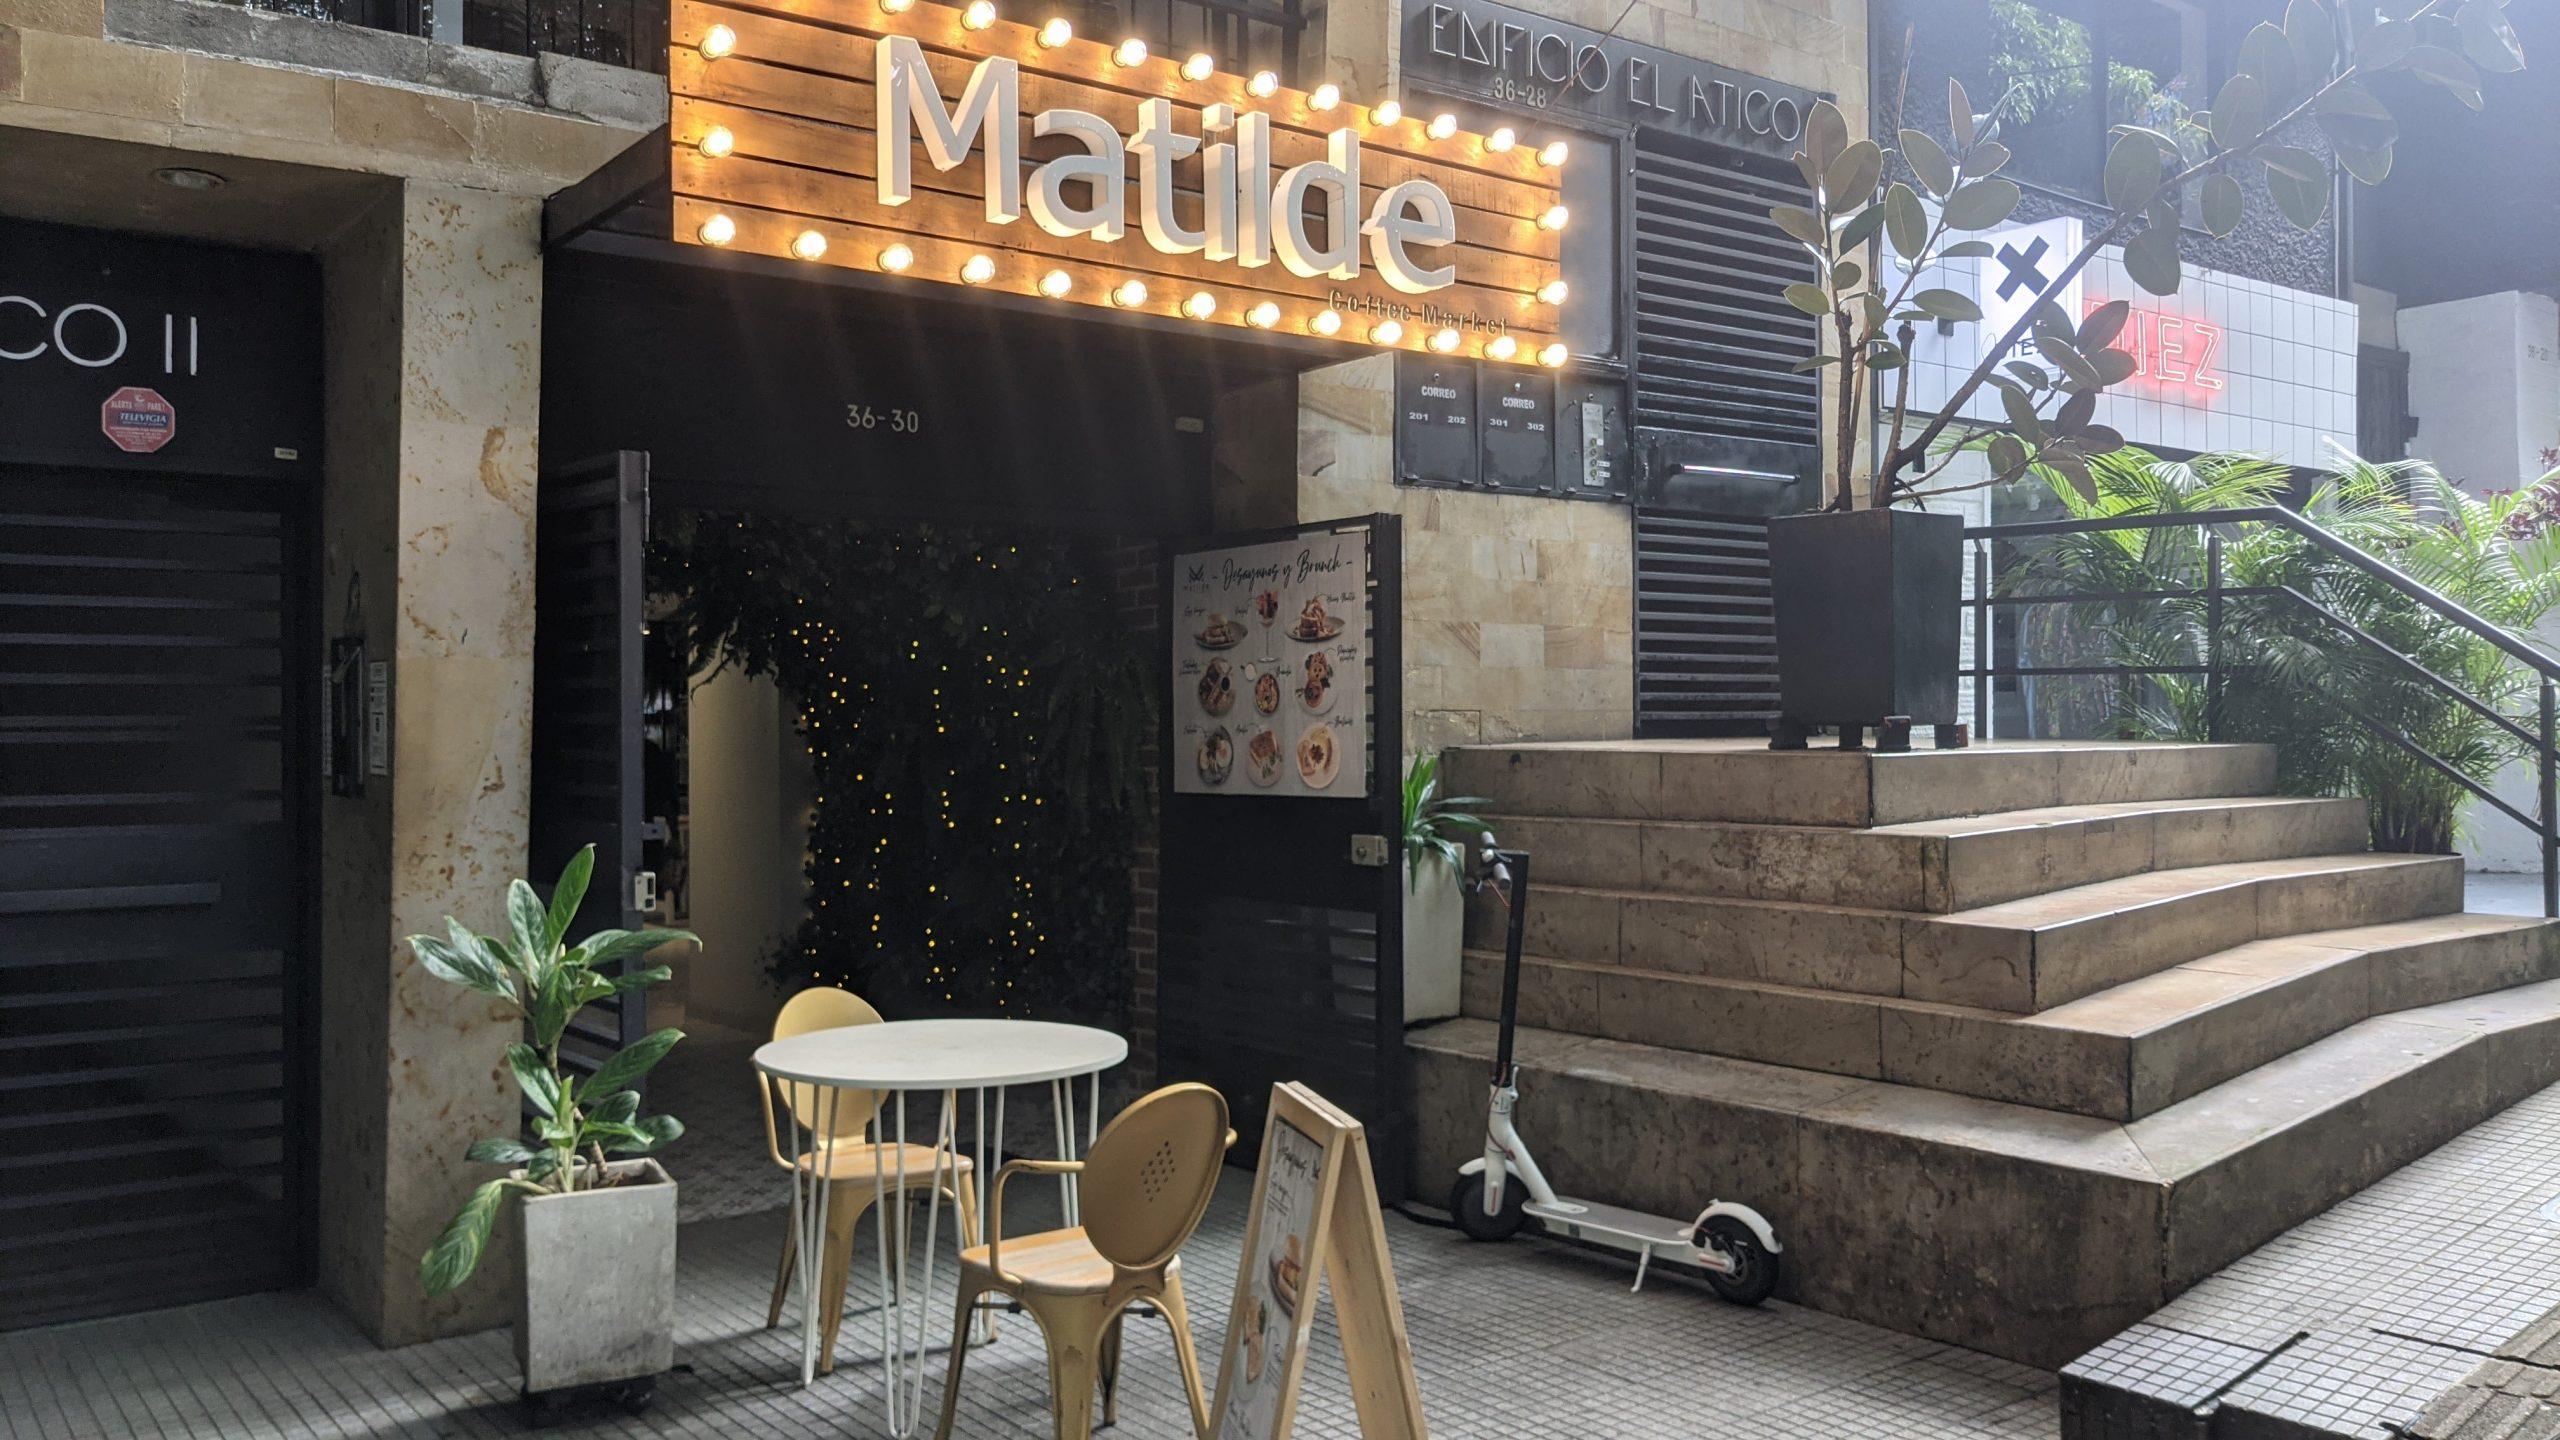 matilde cafe entrance provenza medellin colombia digital nomads